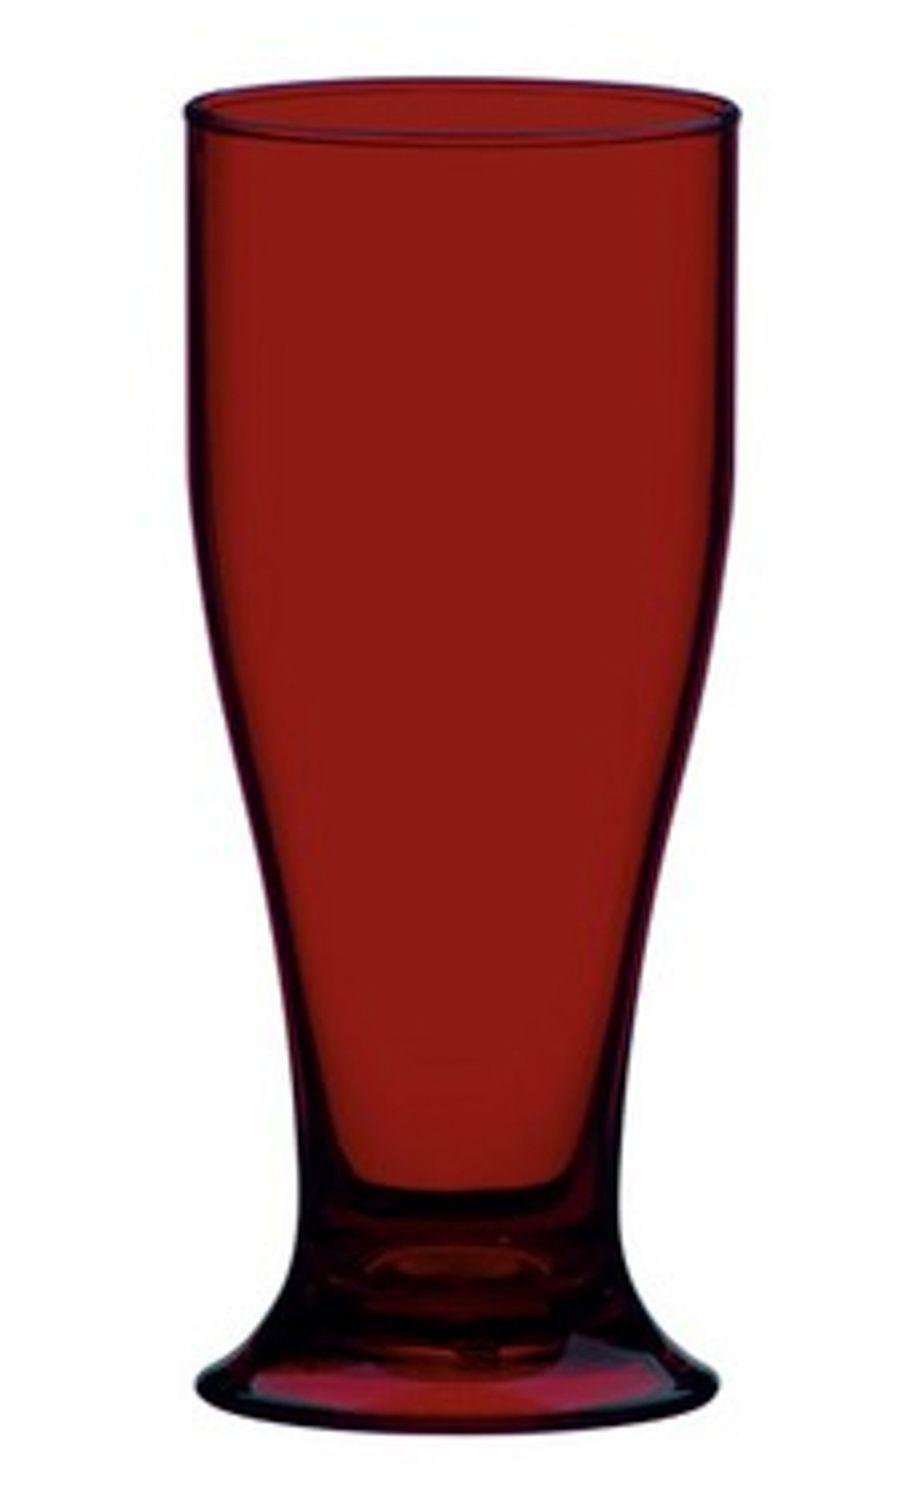 f0c90c5ea9 Copo Tulipa 6 unidades 300 ml Acrílico alto padrão Kaballa - não escartável  Produto não disponível